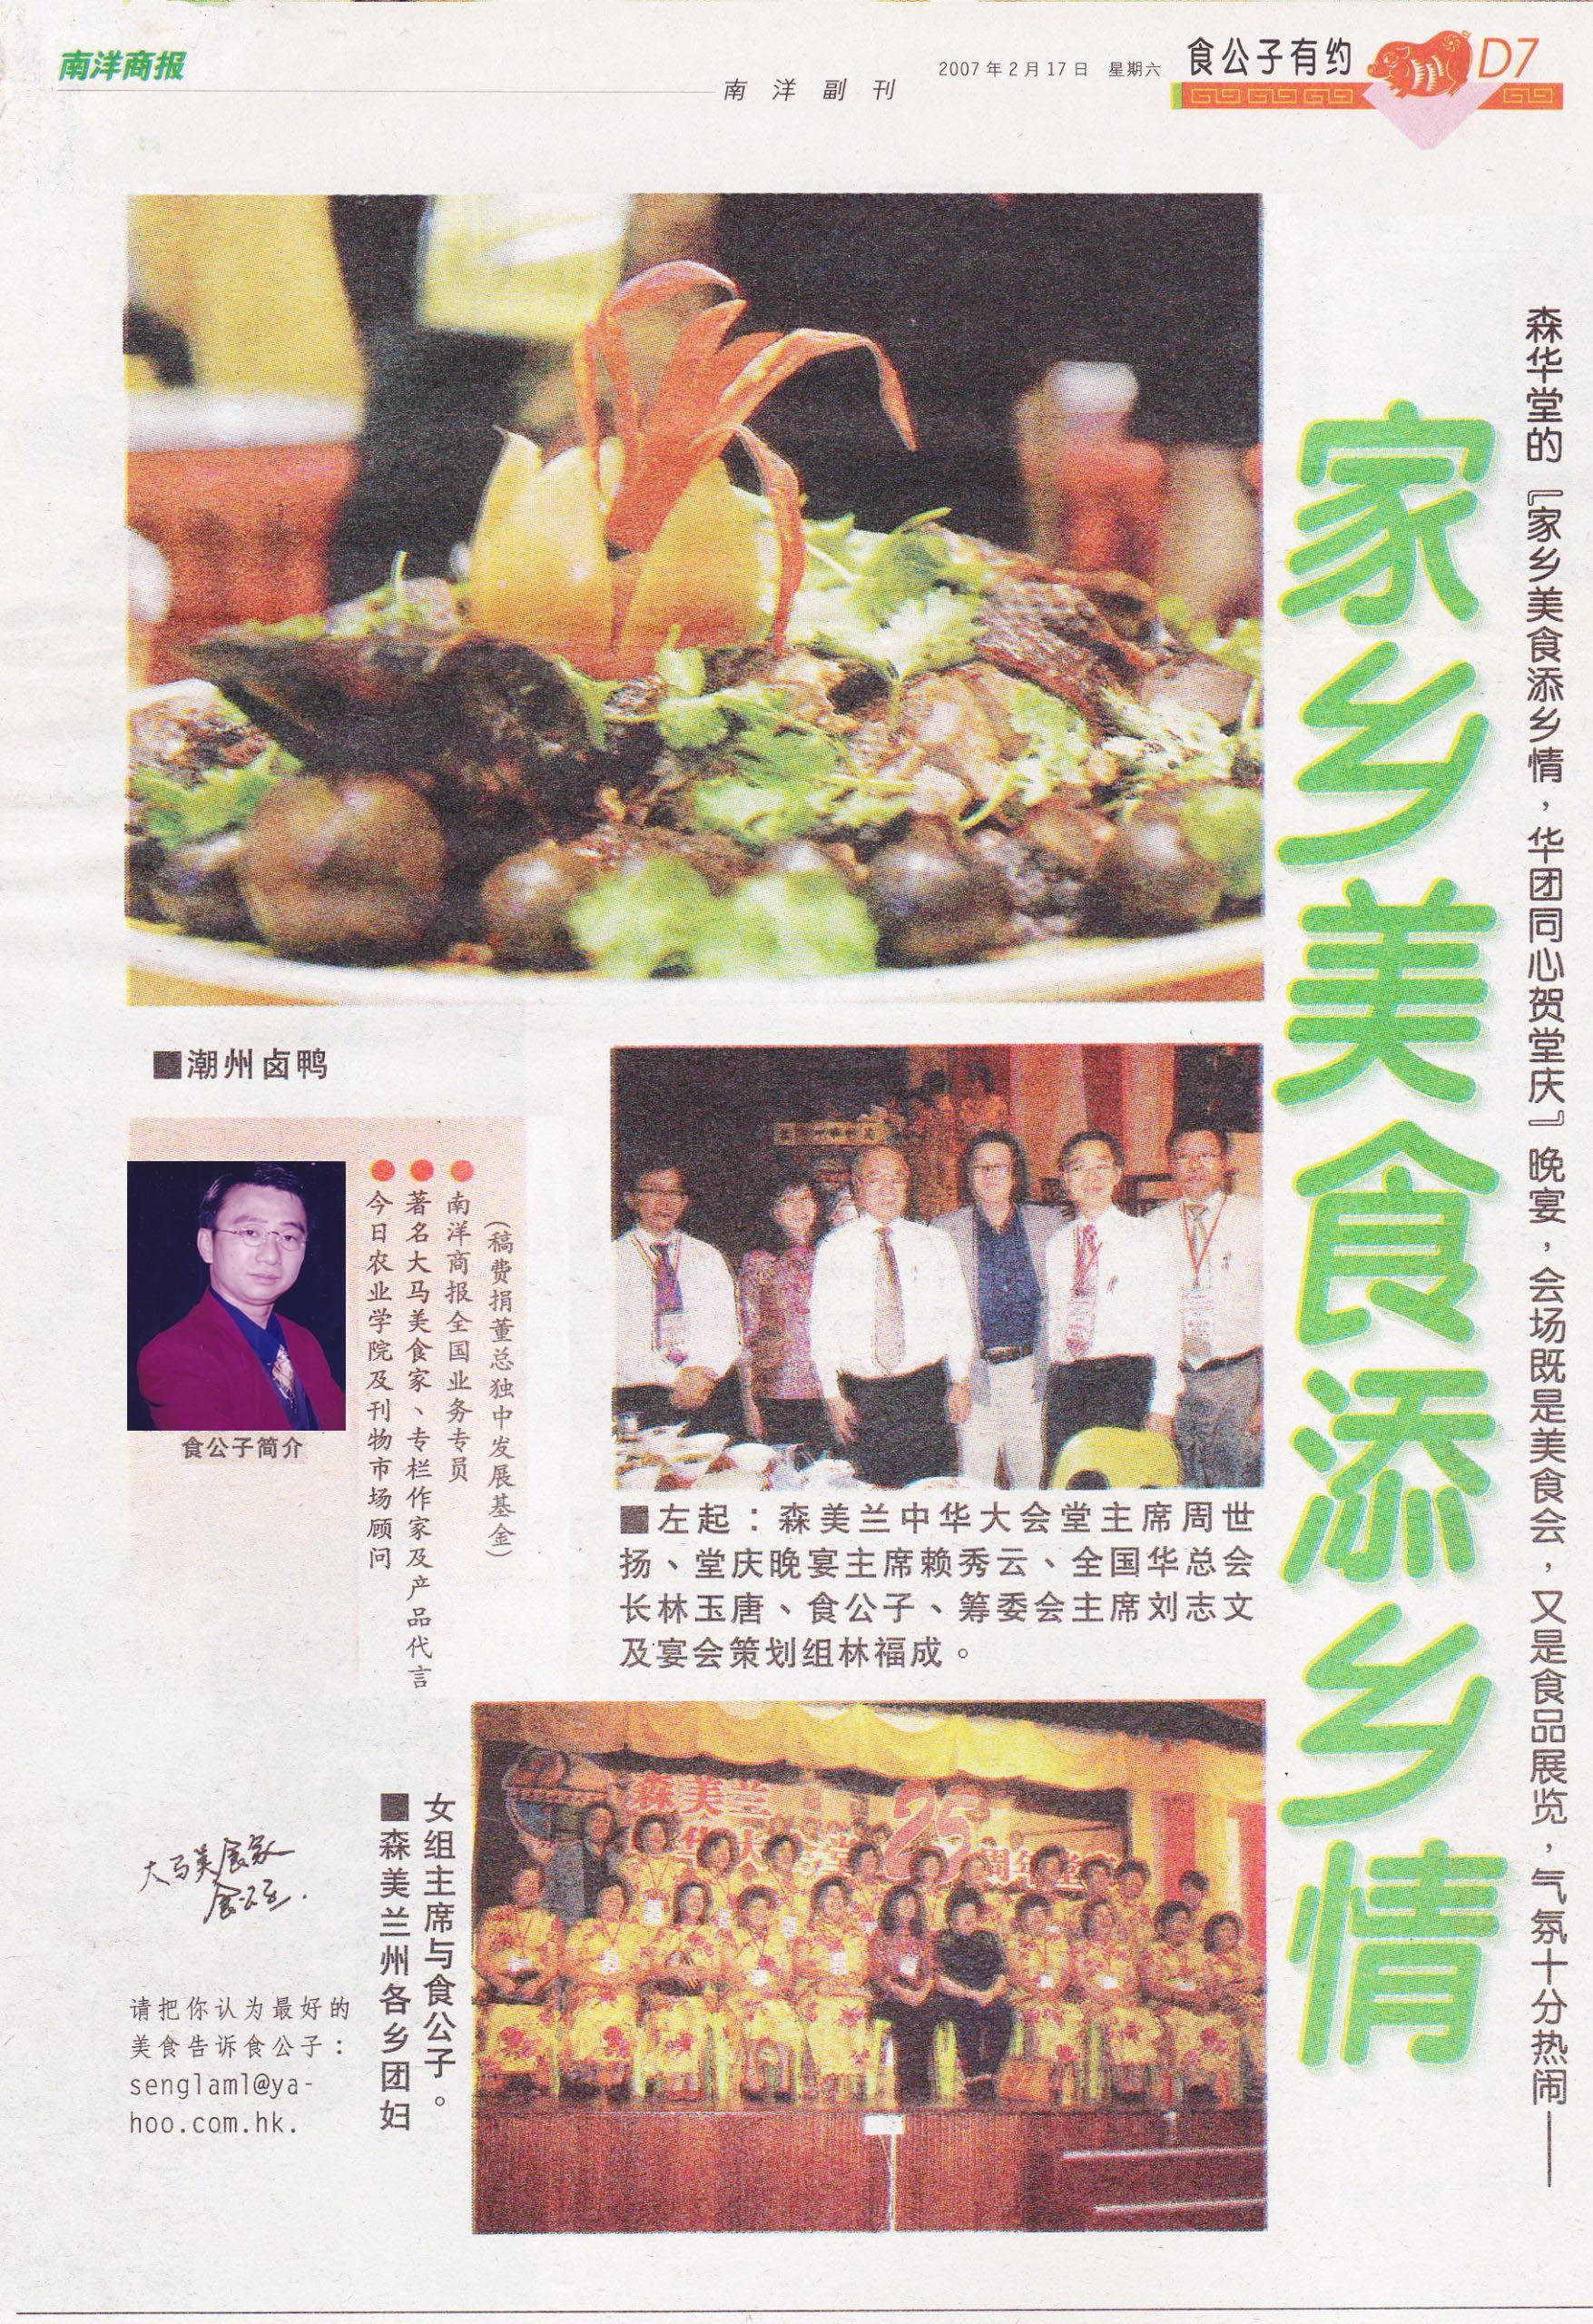 马来西亚美食家-大马美食家